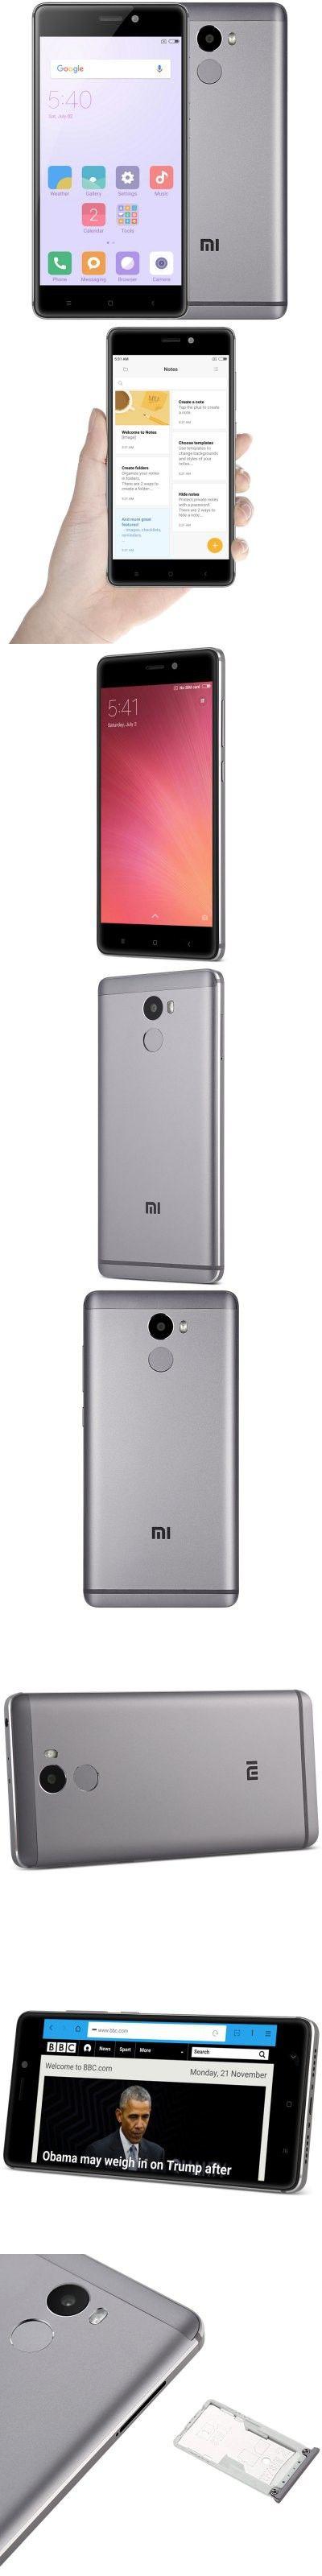 Xiaomi Redmi 4 4G Smartphone HONG KONG WAREHOUSE 2GB RAM 16GB ROM-$142.93